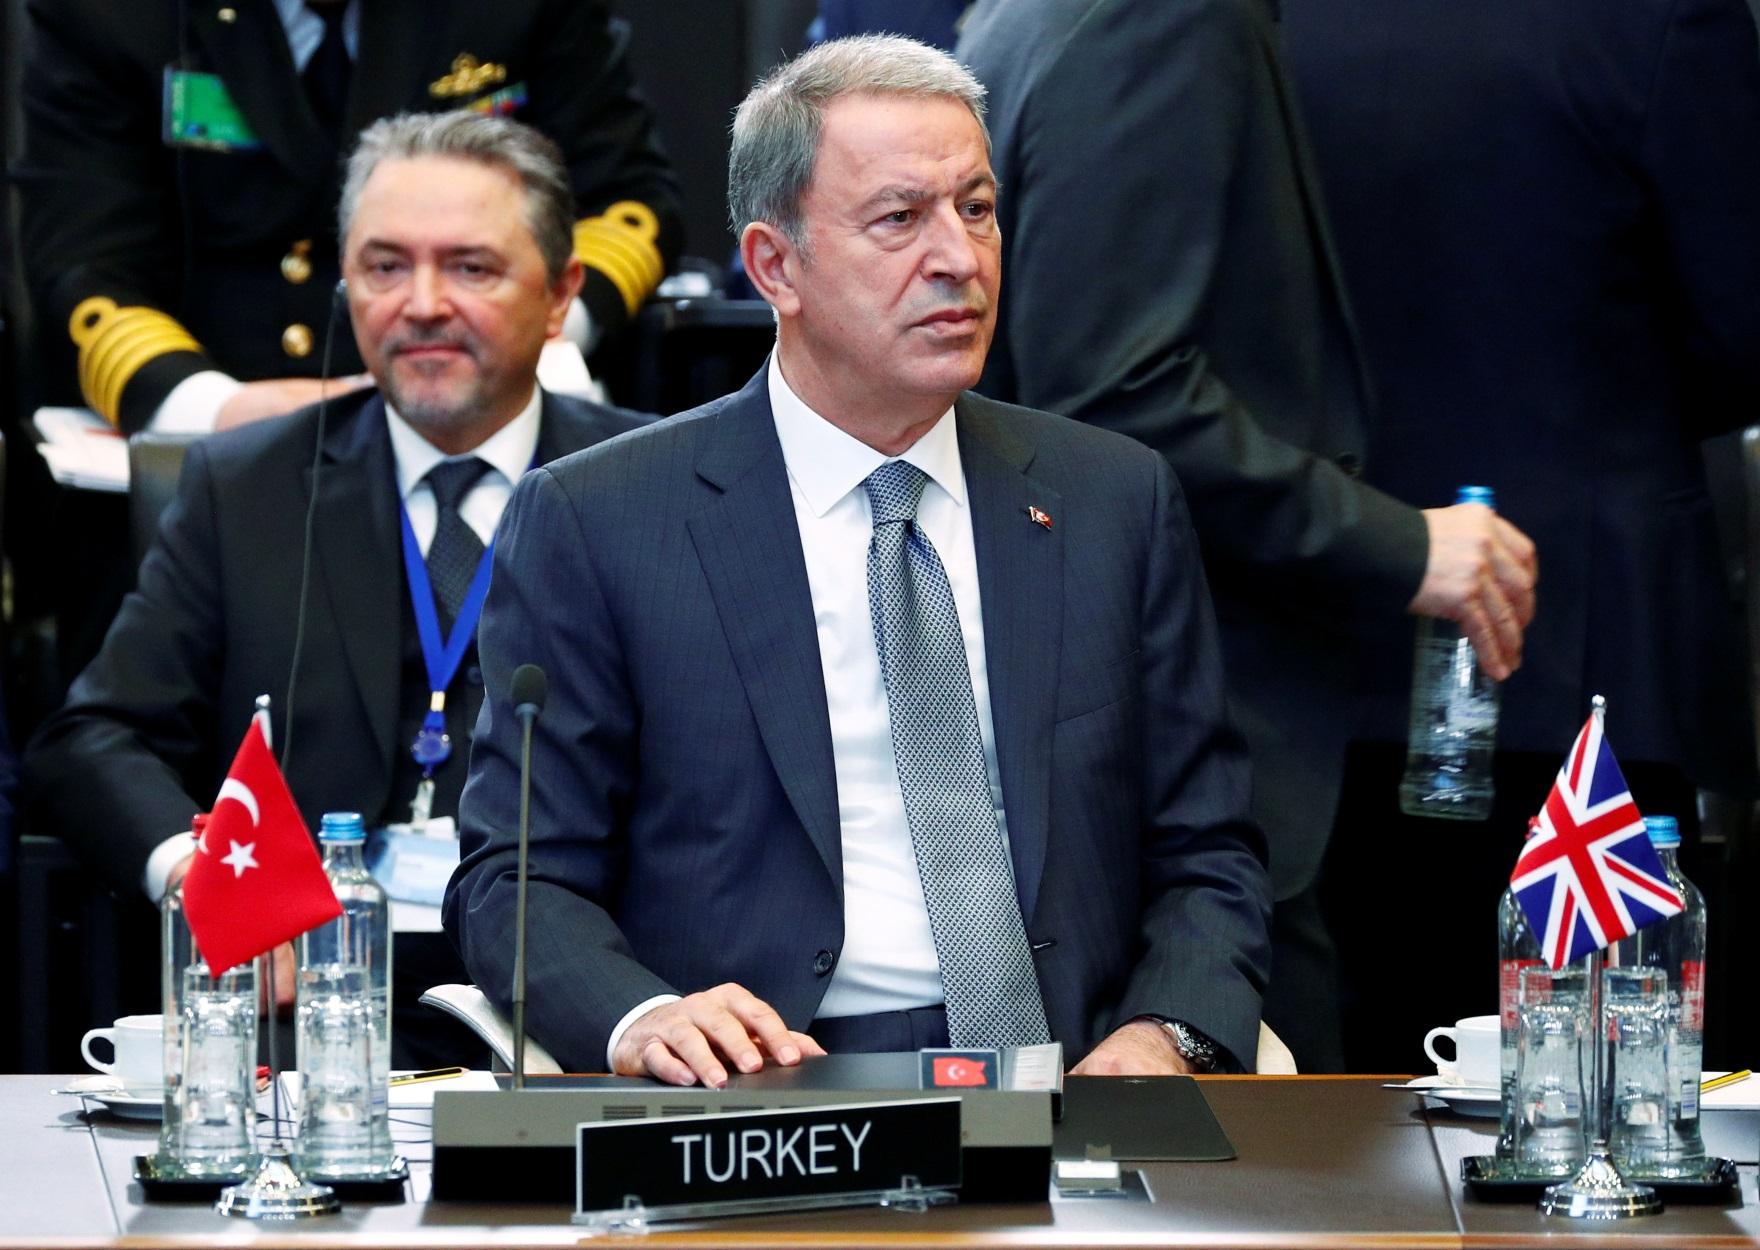 Προκλητικός Ακάρ: Αποφασισμένη η Τουρκία να υπερασπίσει τα δικαιώματα της «Γαλάζιας Πατρίδας»